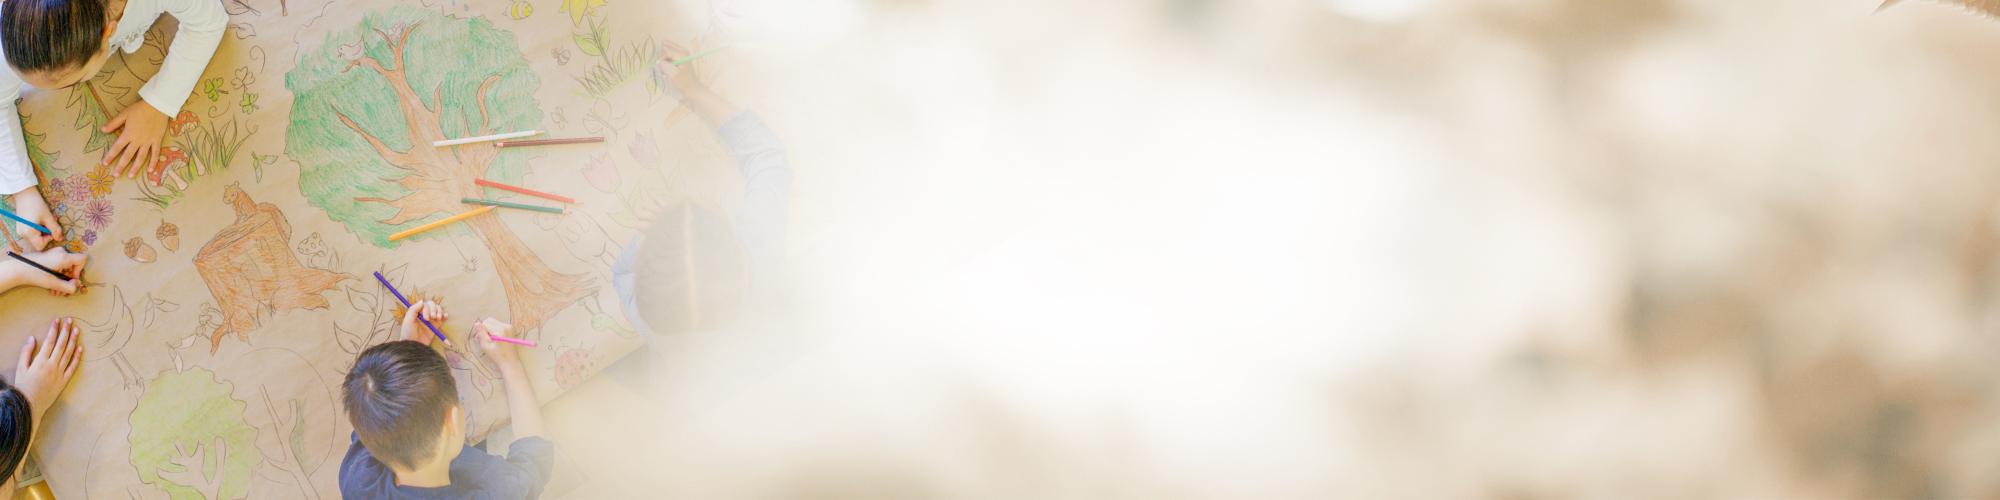 宜蘭偏鄉學校巡迴關懷計畫-走進偏鄉康健未來